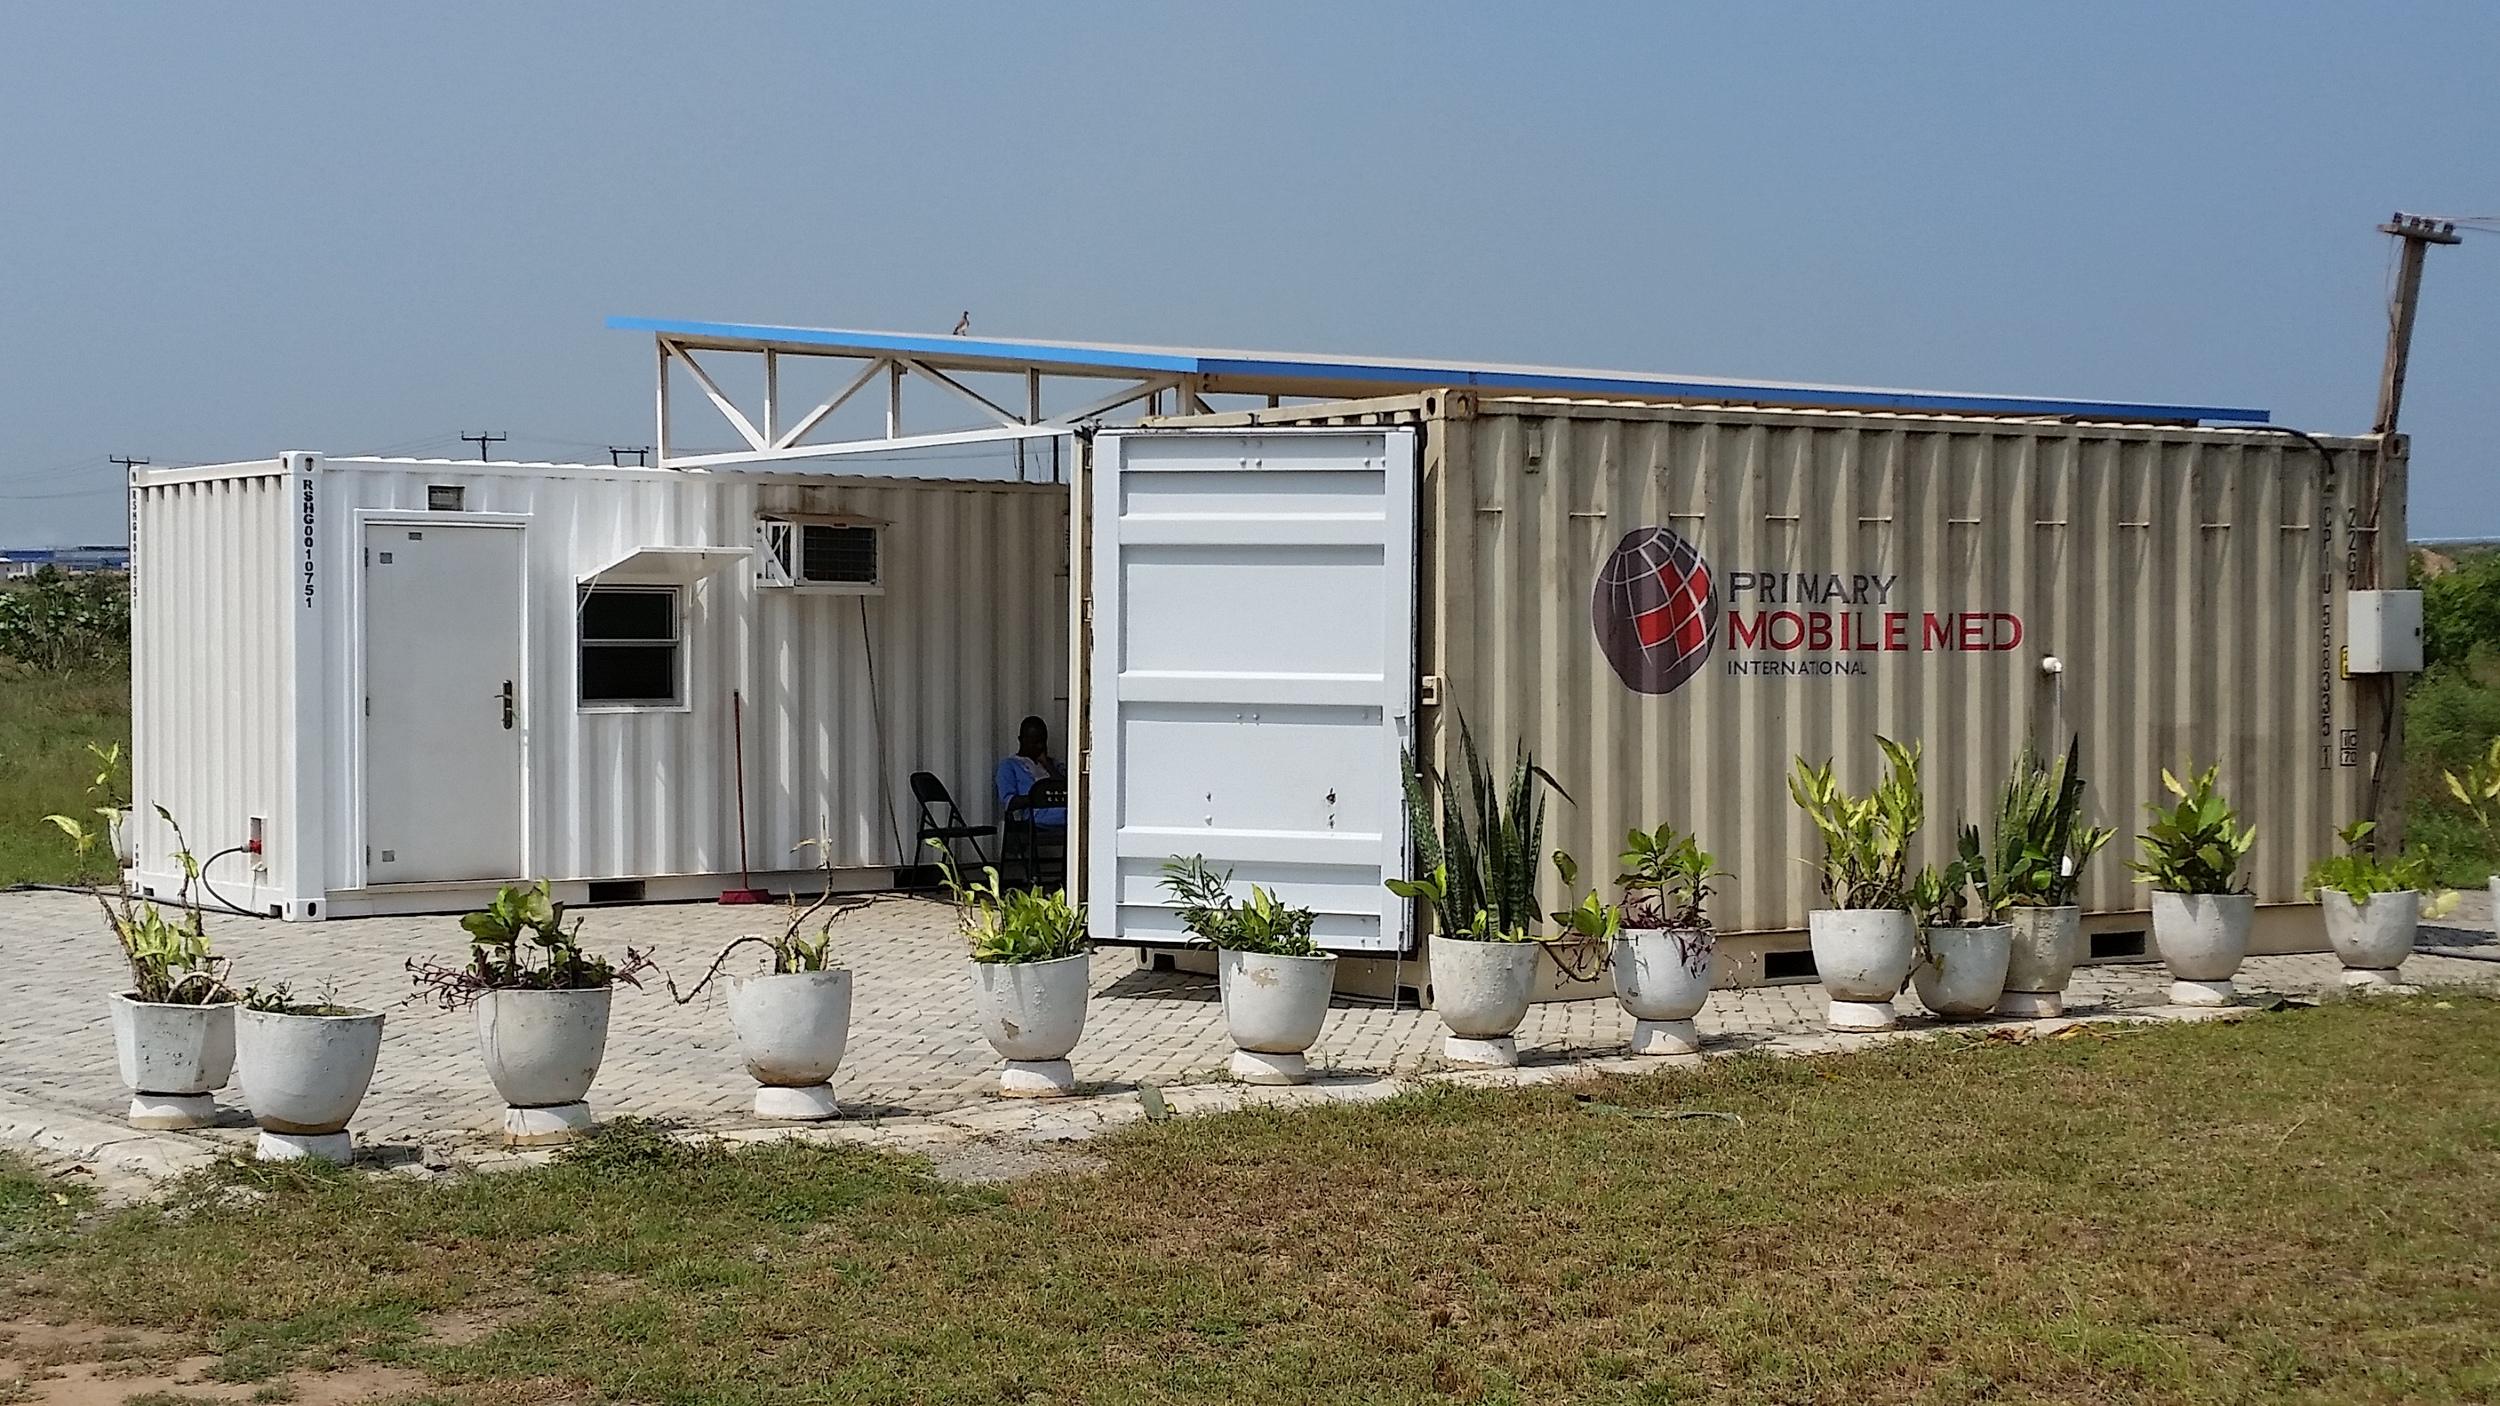 Three unit hub utilizing MMC-US-001, LAB-GH-001, and 2EX-GH-001 in Tema, Ghana